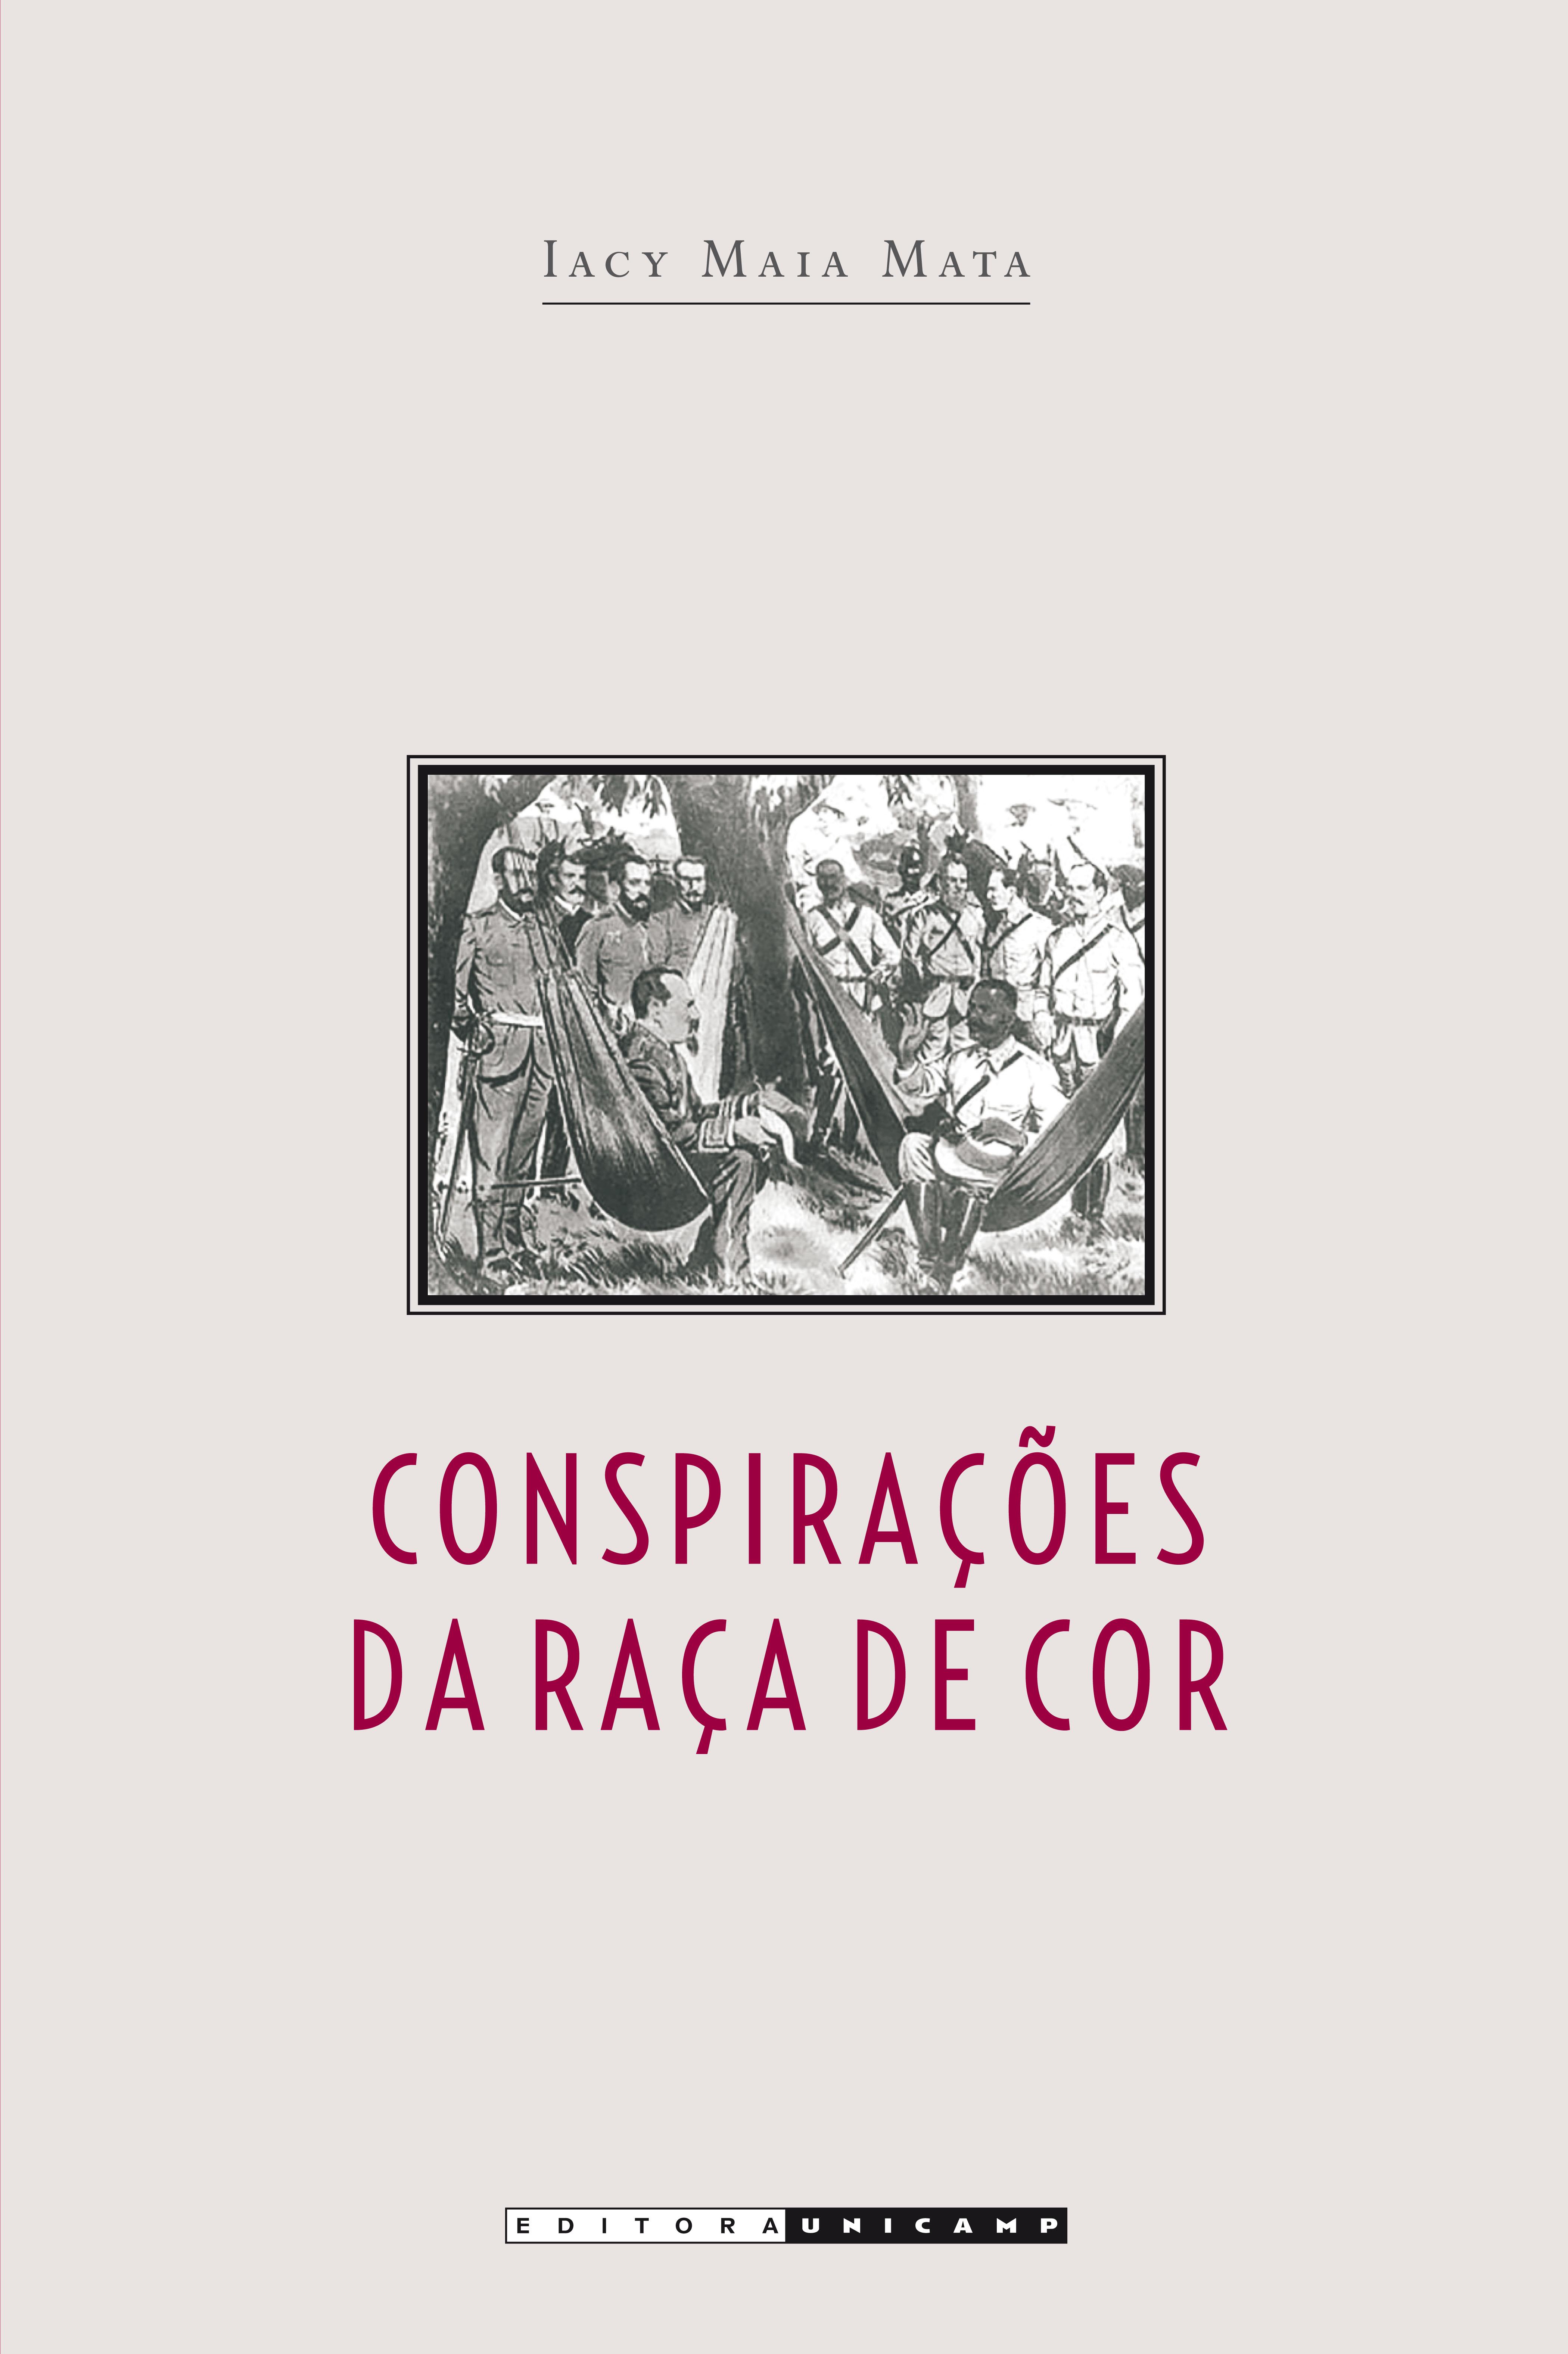 Conspirações da raça de cor, livro de Iacy Maia Mata